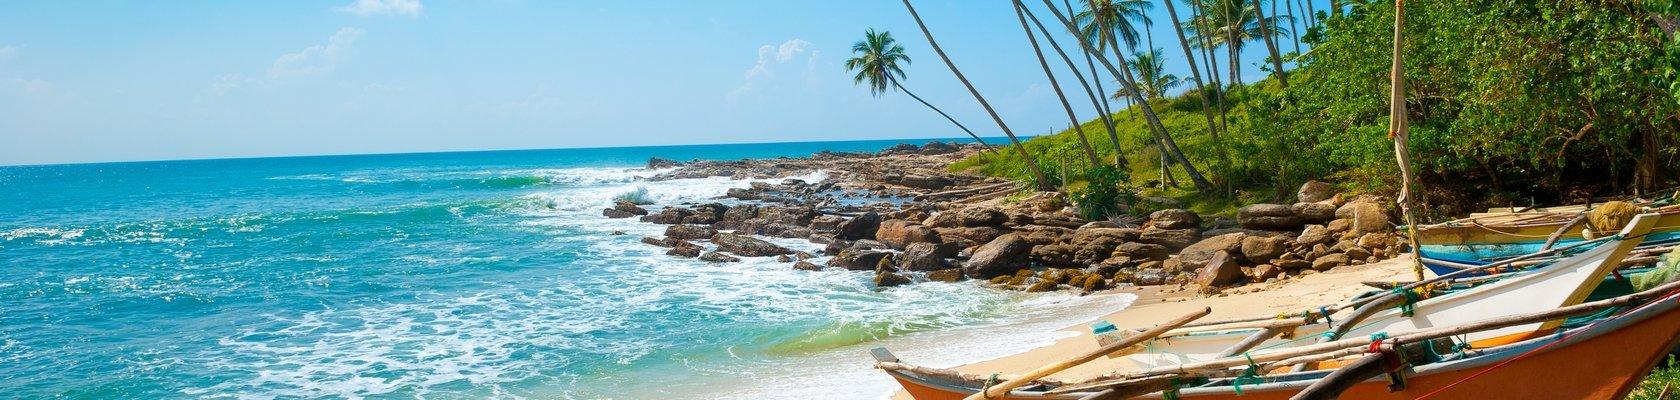 Stranden Zuidkust